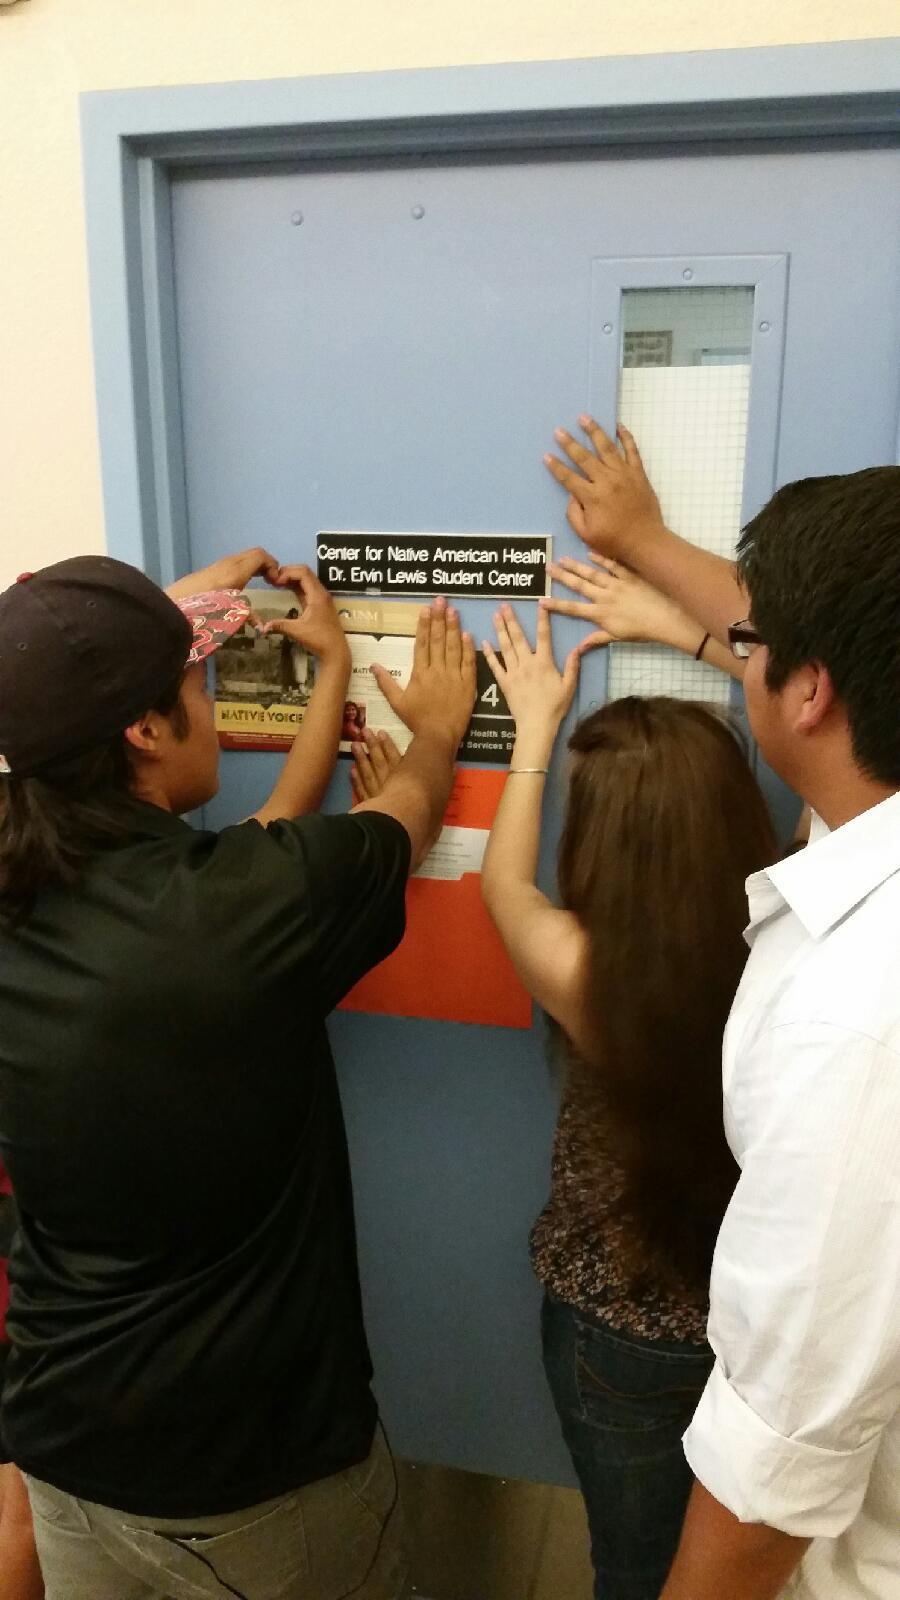 Étudiant mettant la main sur la porte.